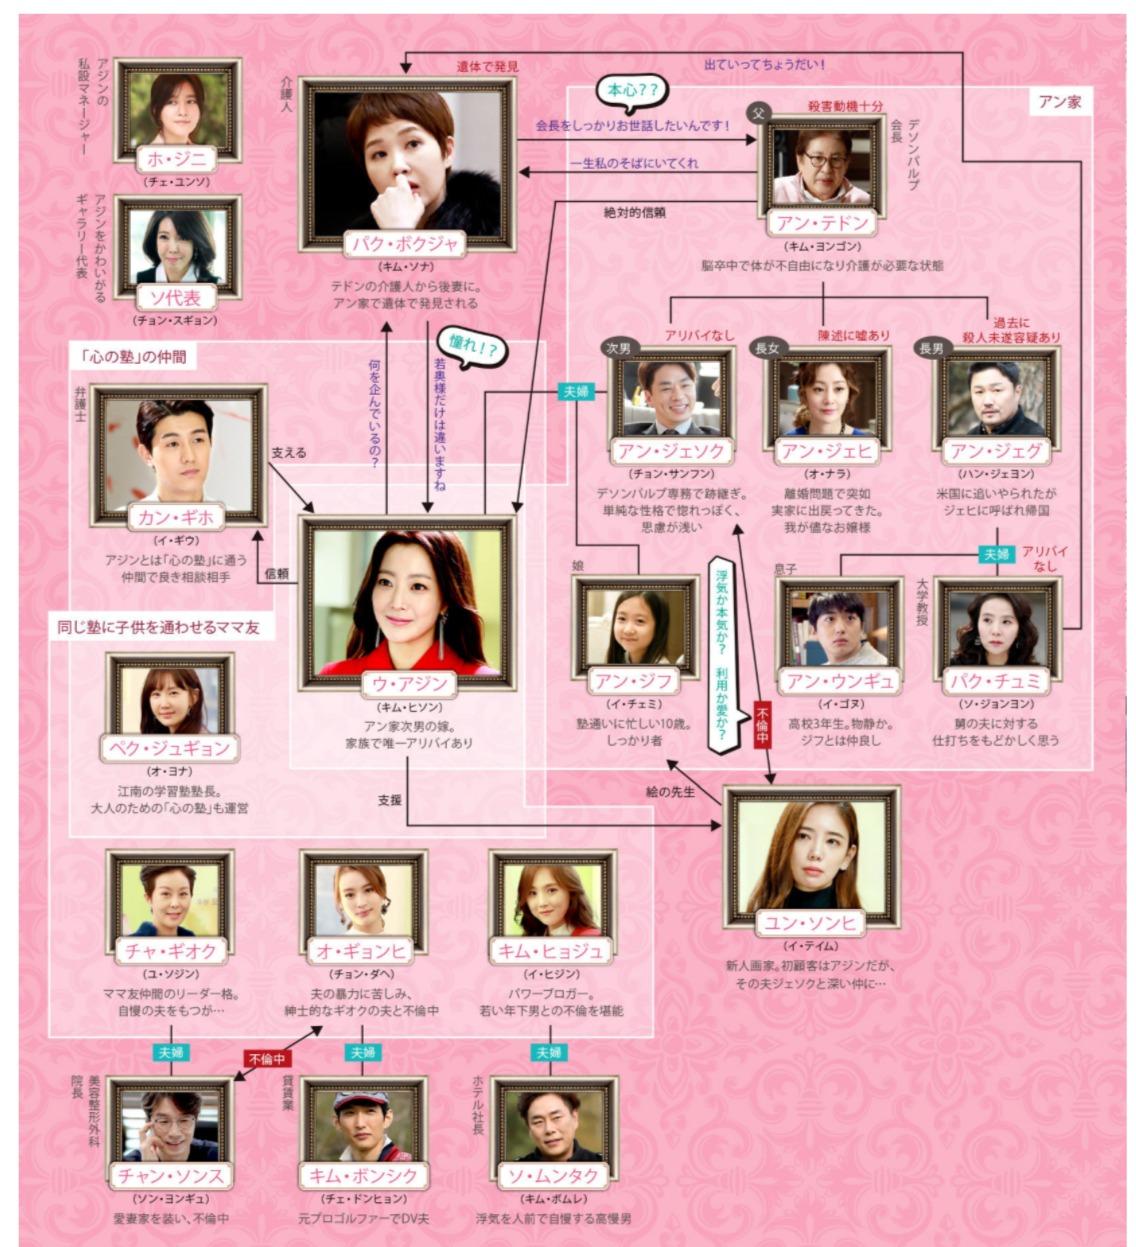 韓国ドラマ『サンプル』登場人物相関図(関係図)